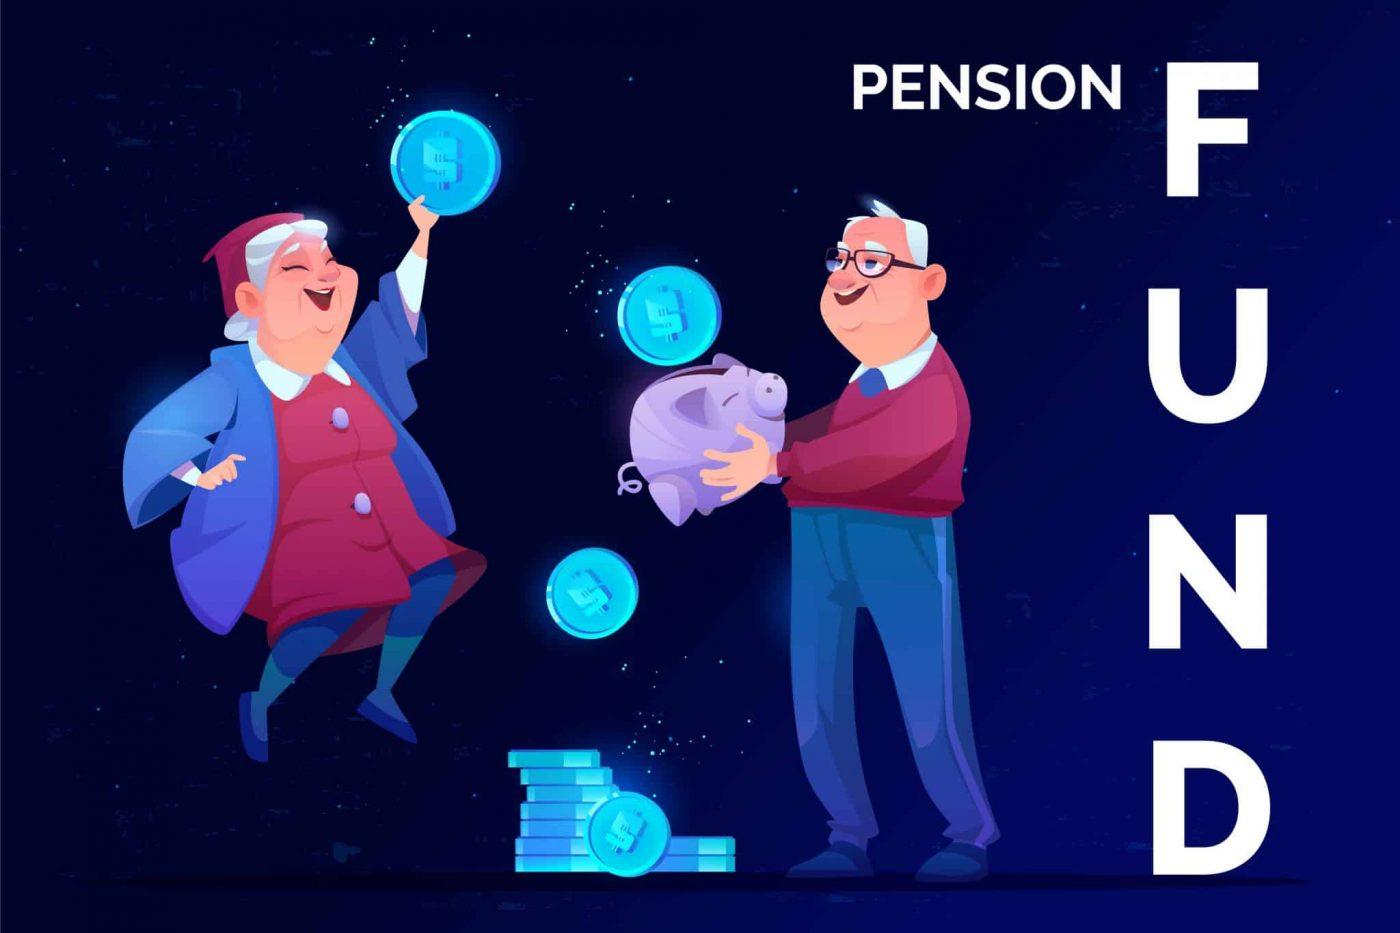 פתיחת קרן פנסיה בנוסף לקרן פנסיה לא פעילה קיימת